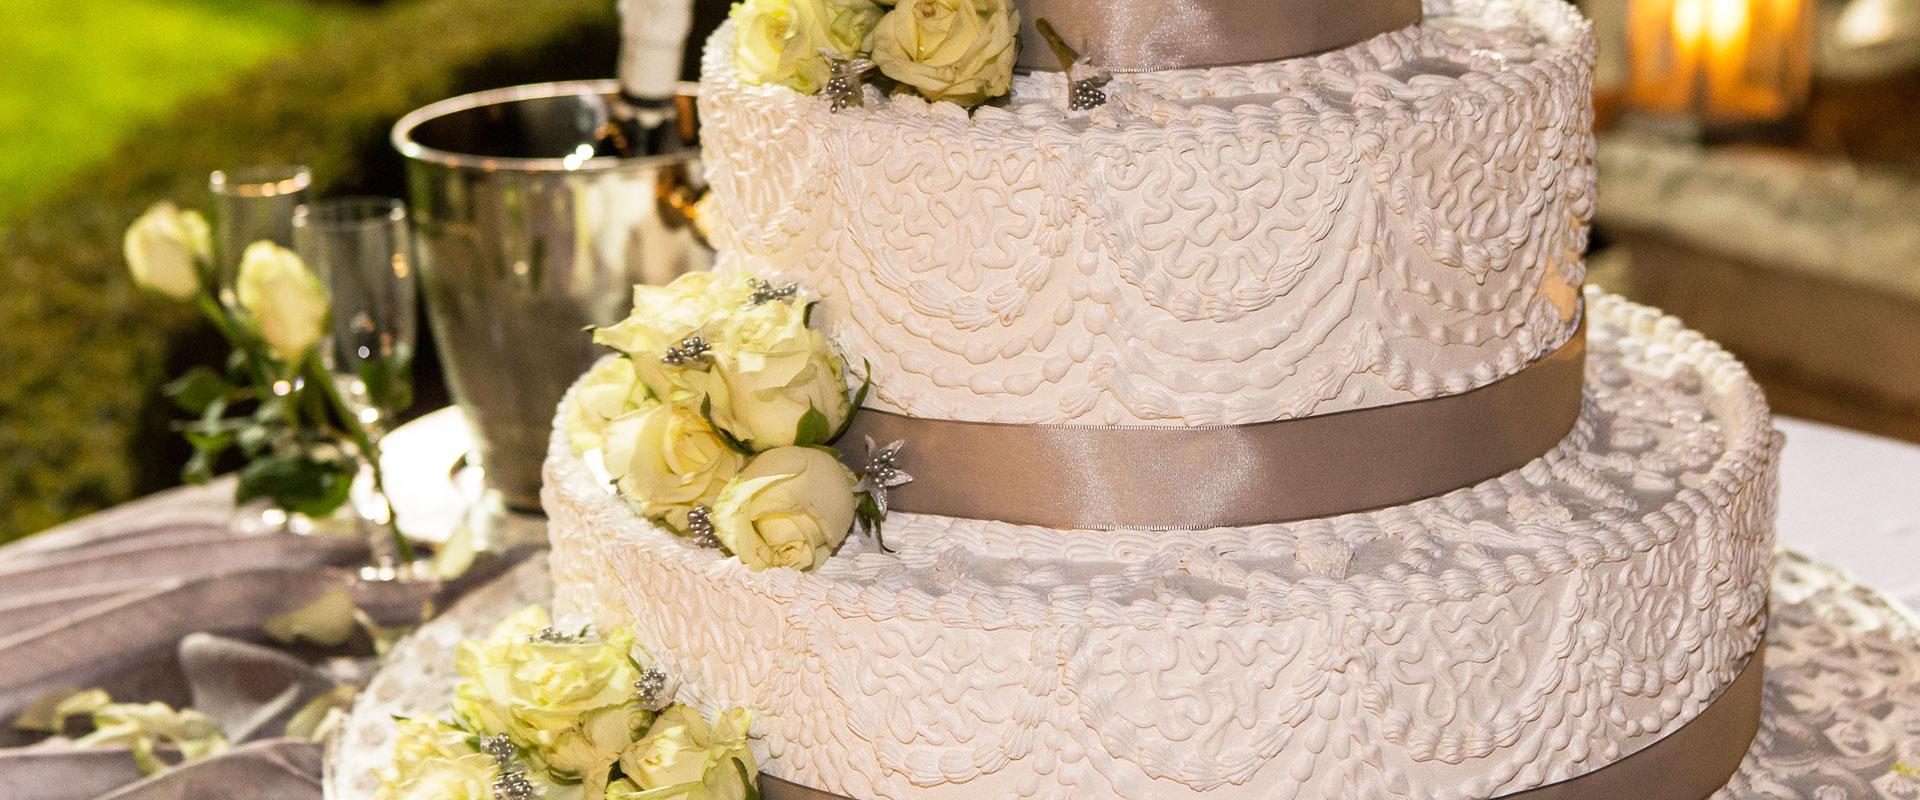 Torta Matrimonio Country Chic : Matrimonio shabby chic maan banqueting catering roma